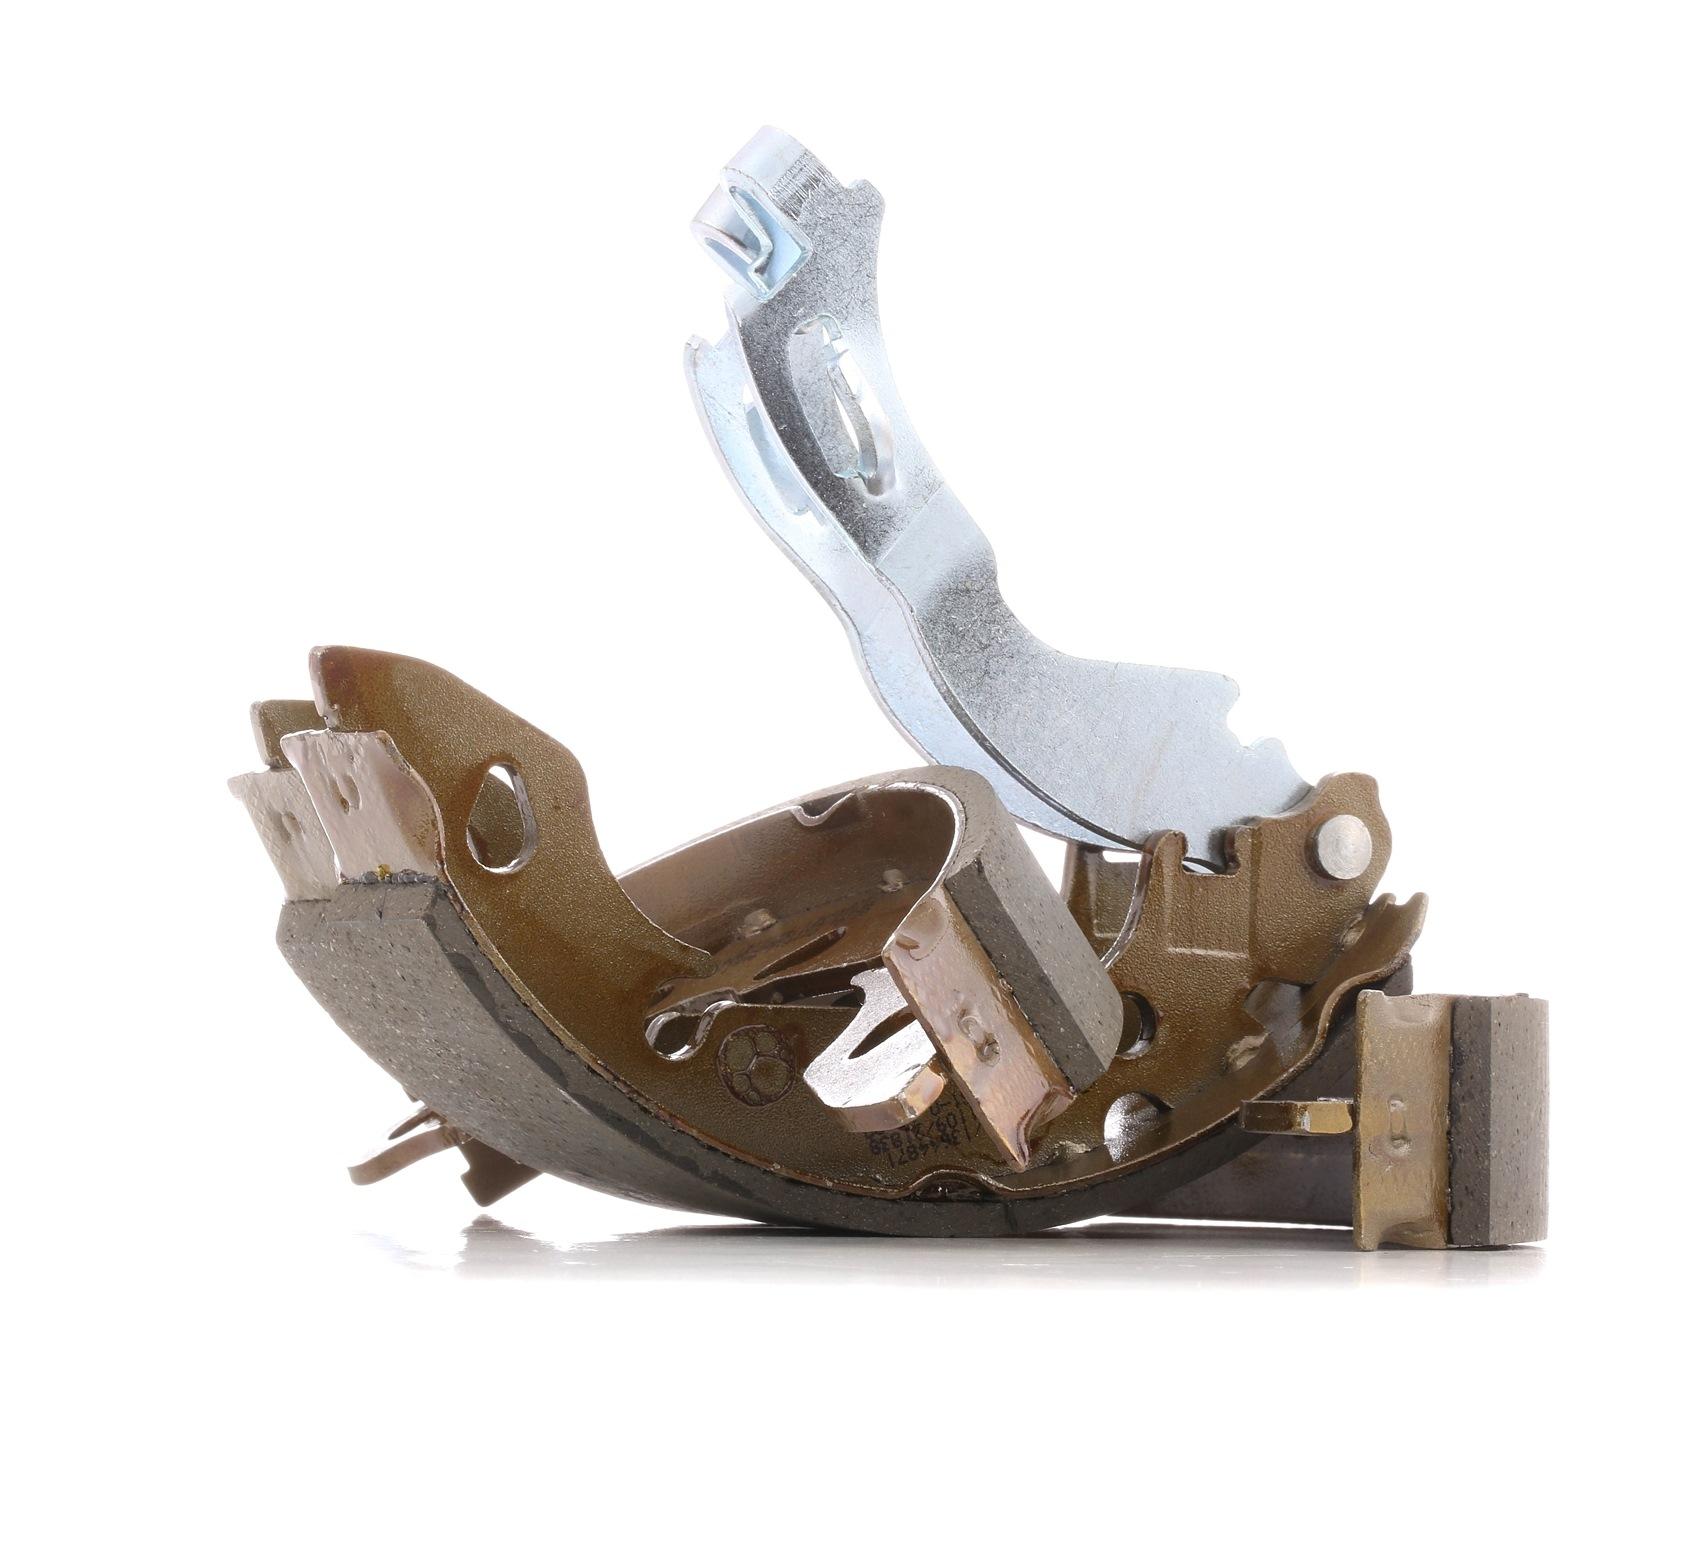 FORD KA 2020 Bremsbeläge für Trommelbremsen - Original RIDEX 70B0349 Breite: 30,0mm